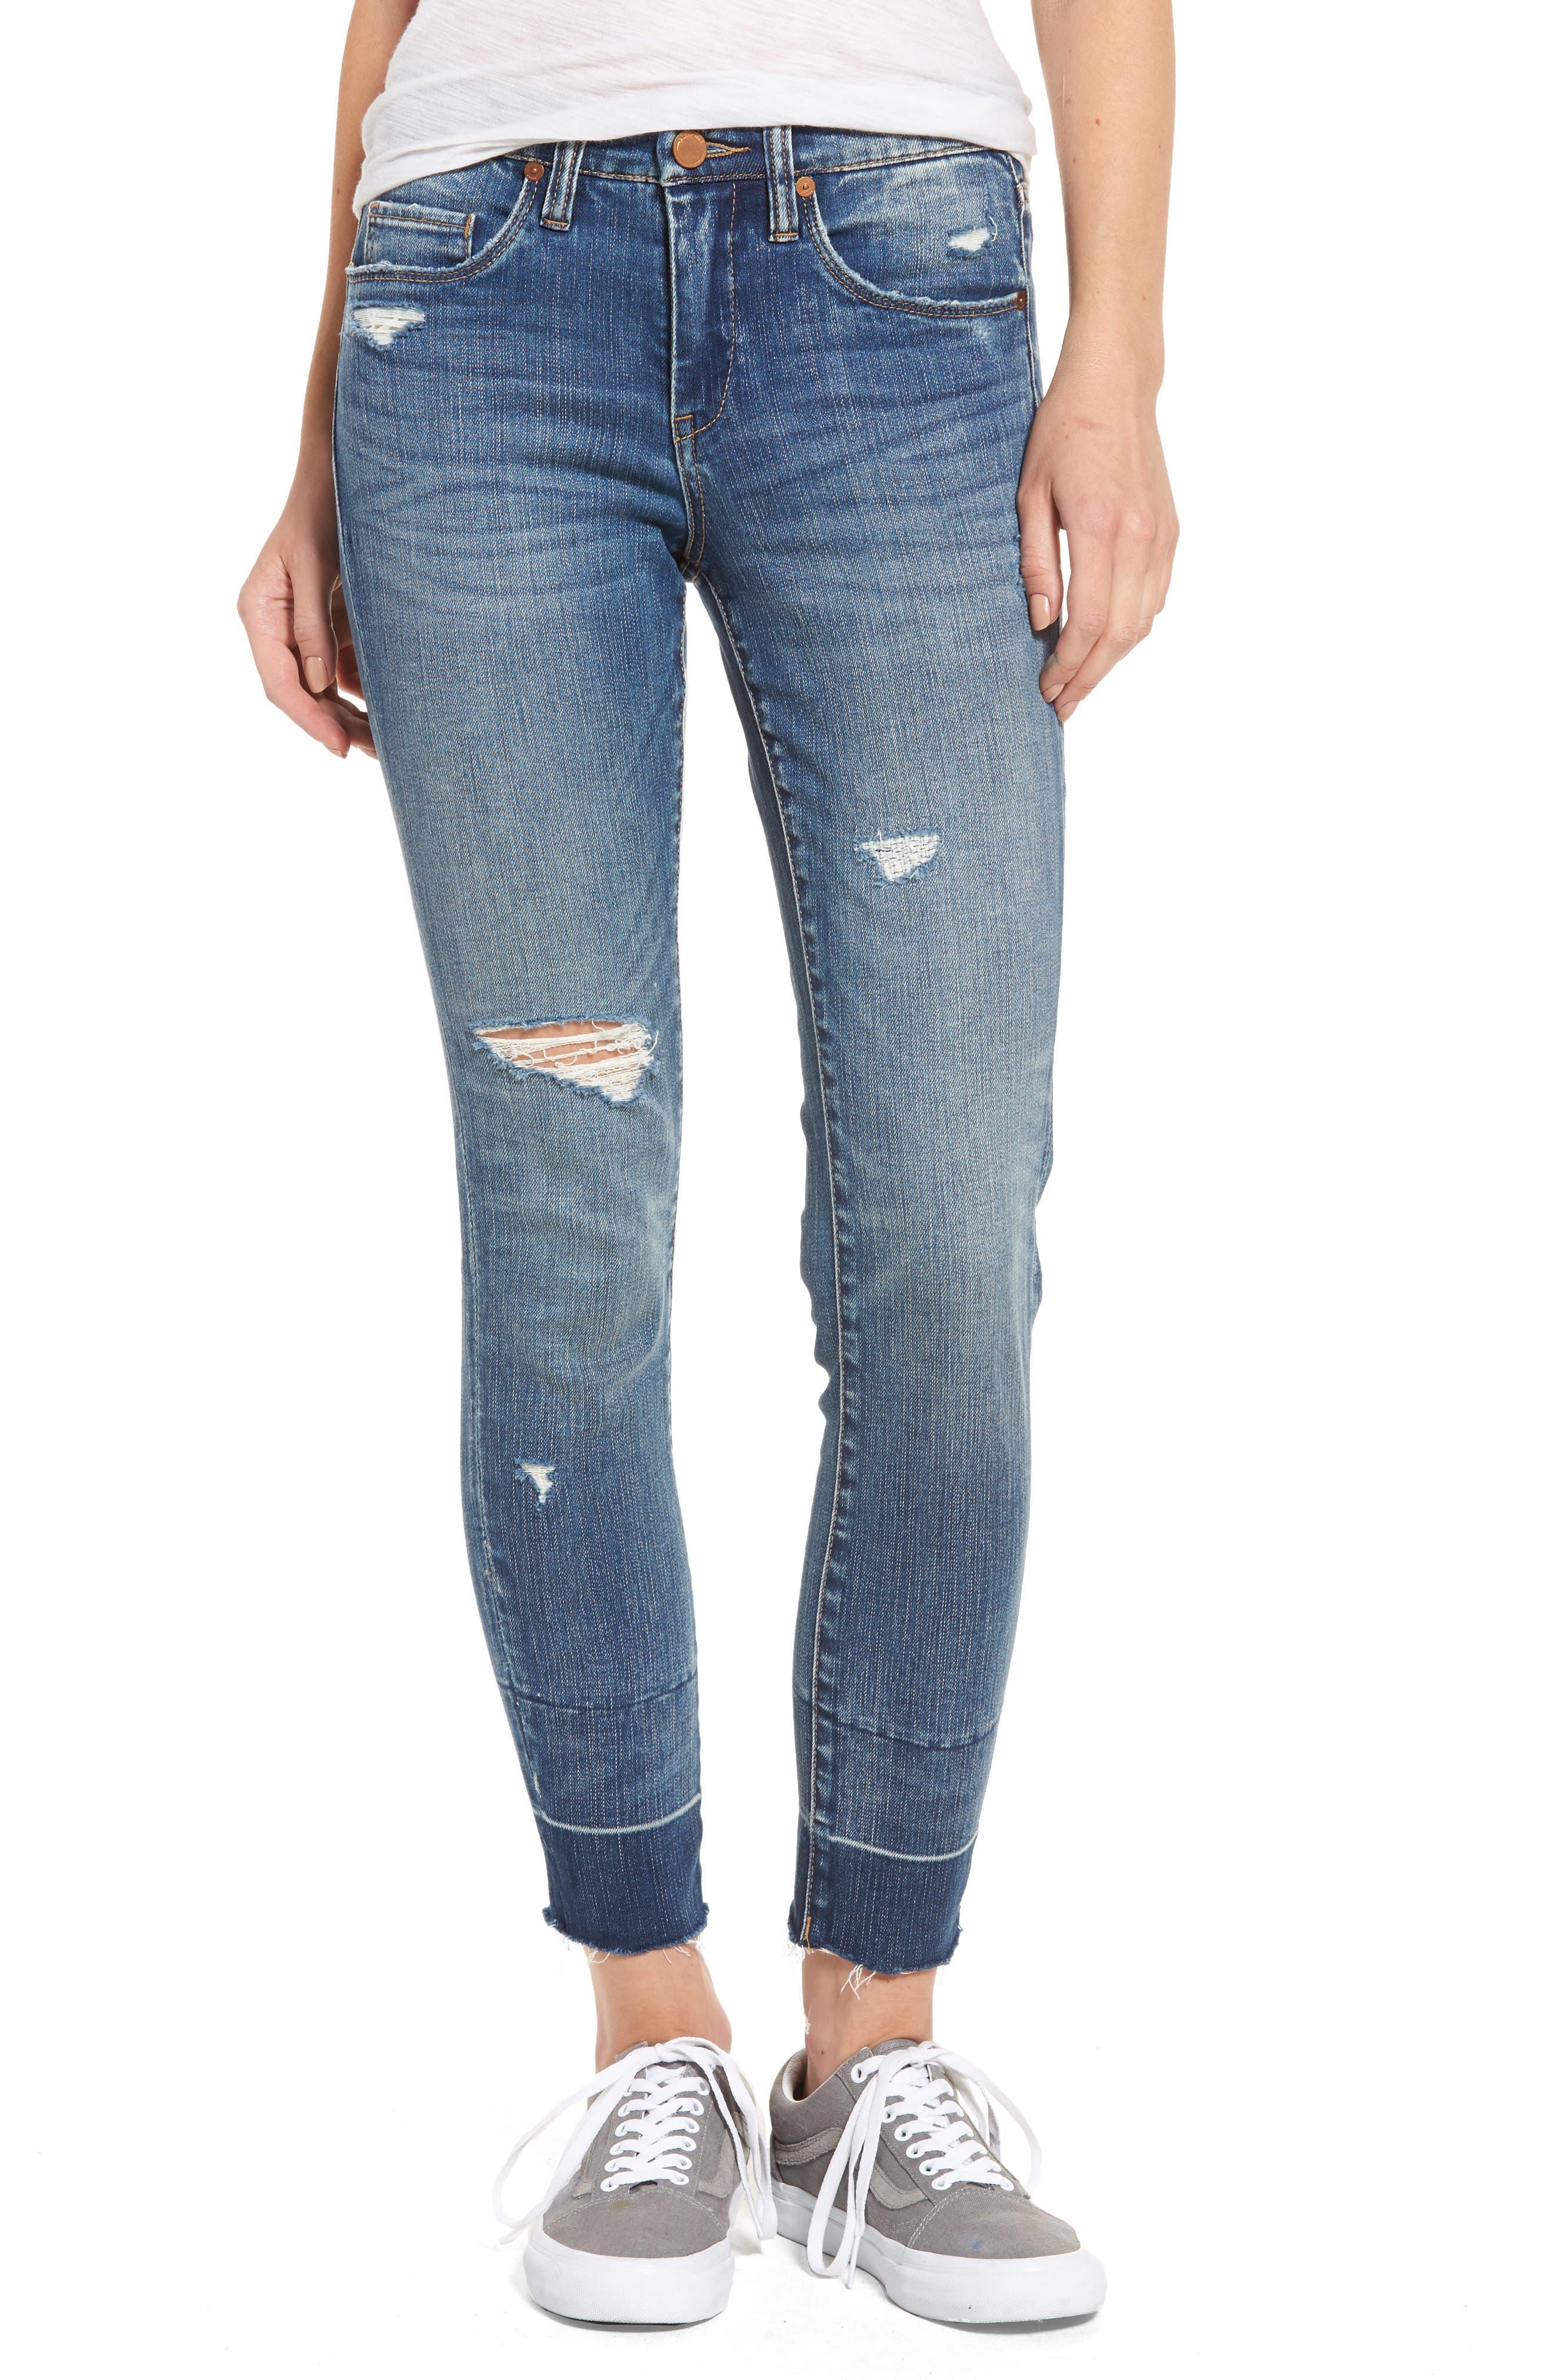 BLANKNYC Ankle Skinny Jeans